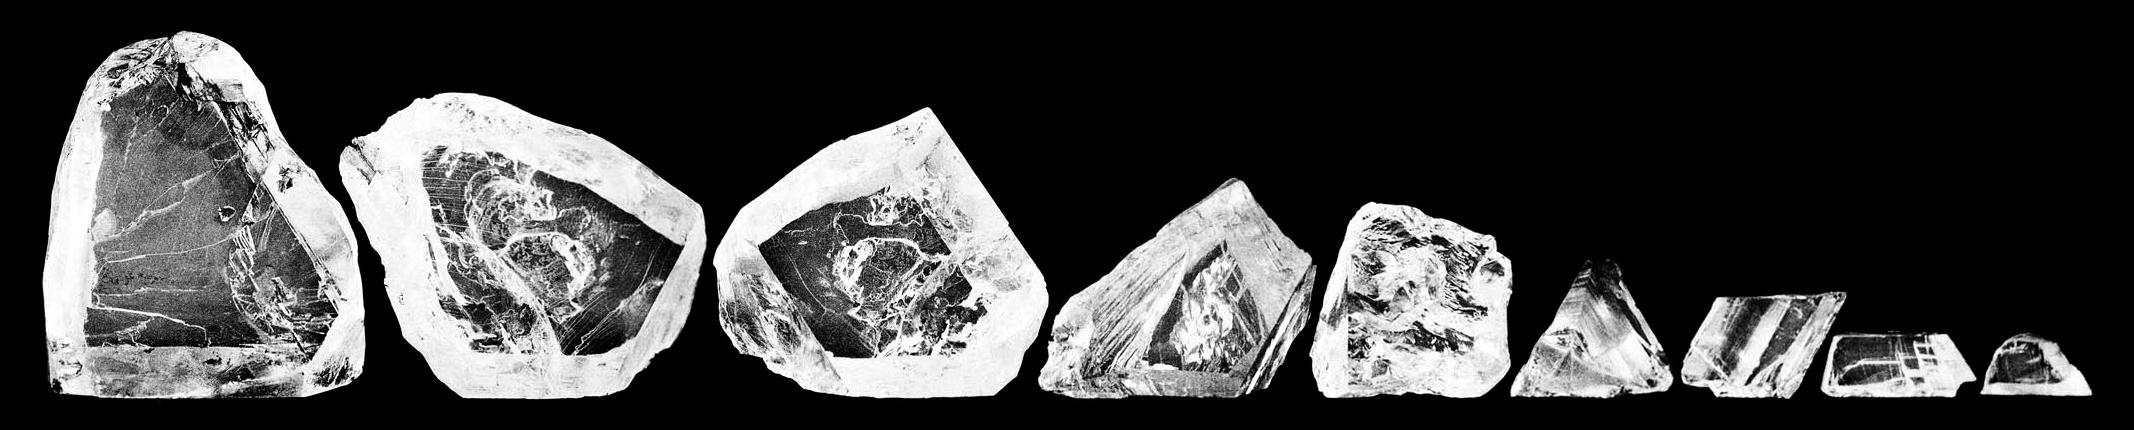 kawałki diamentu Cullinan